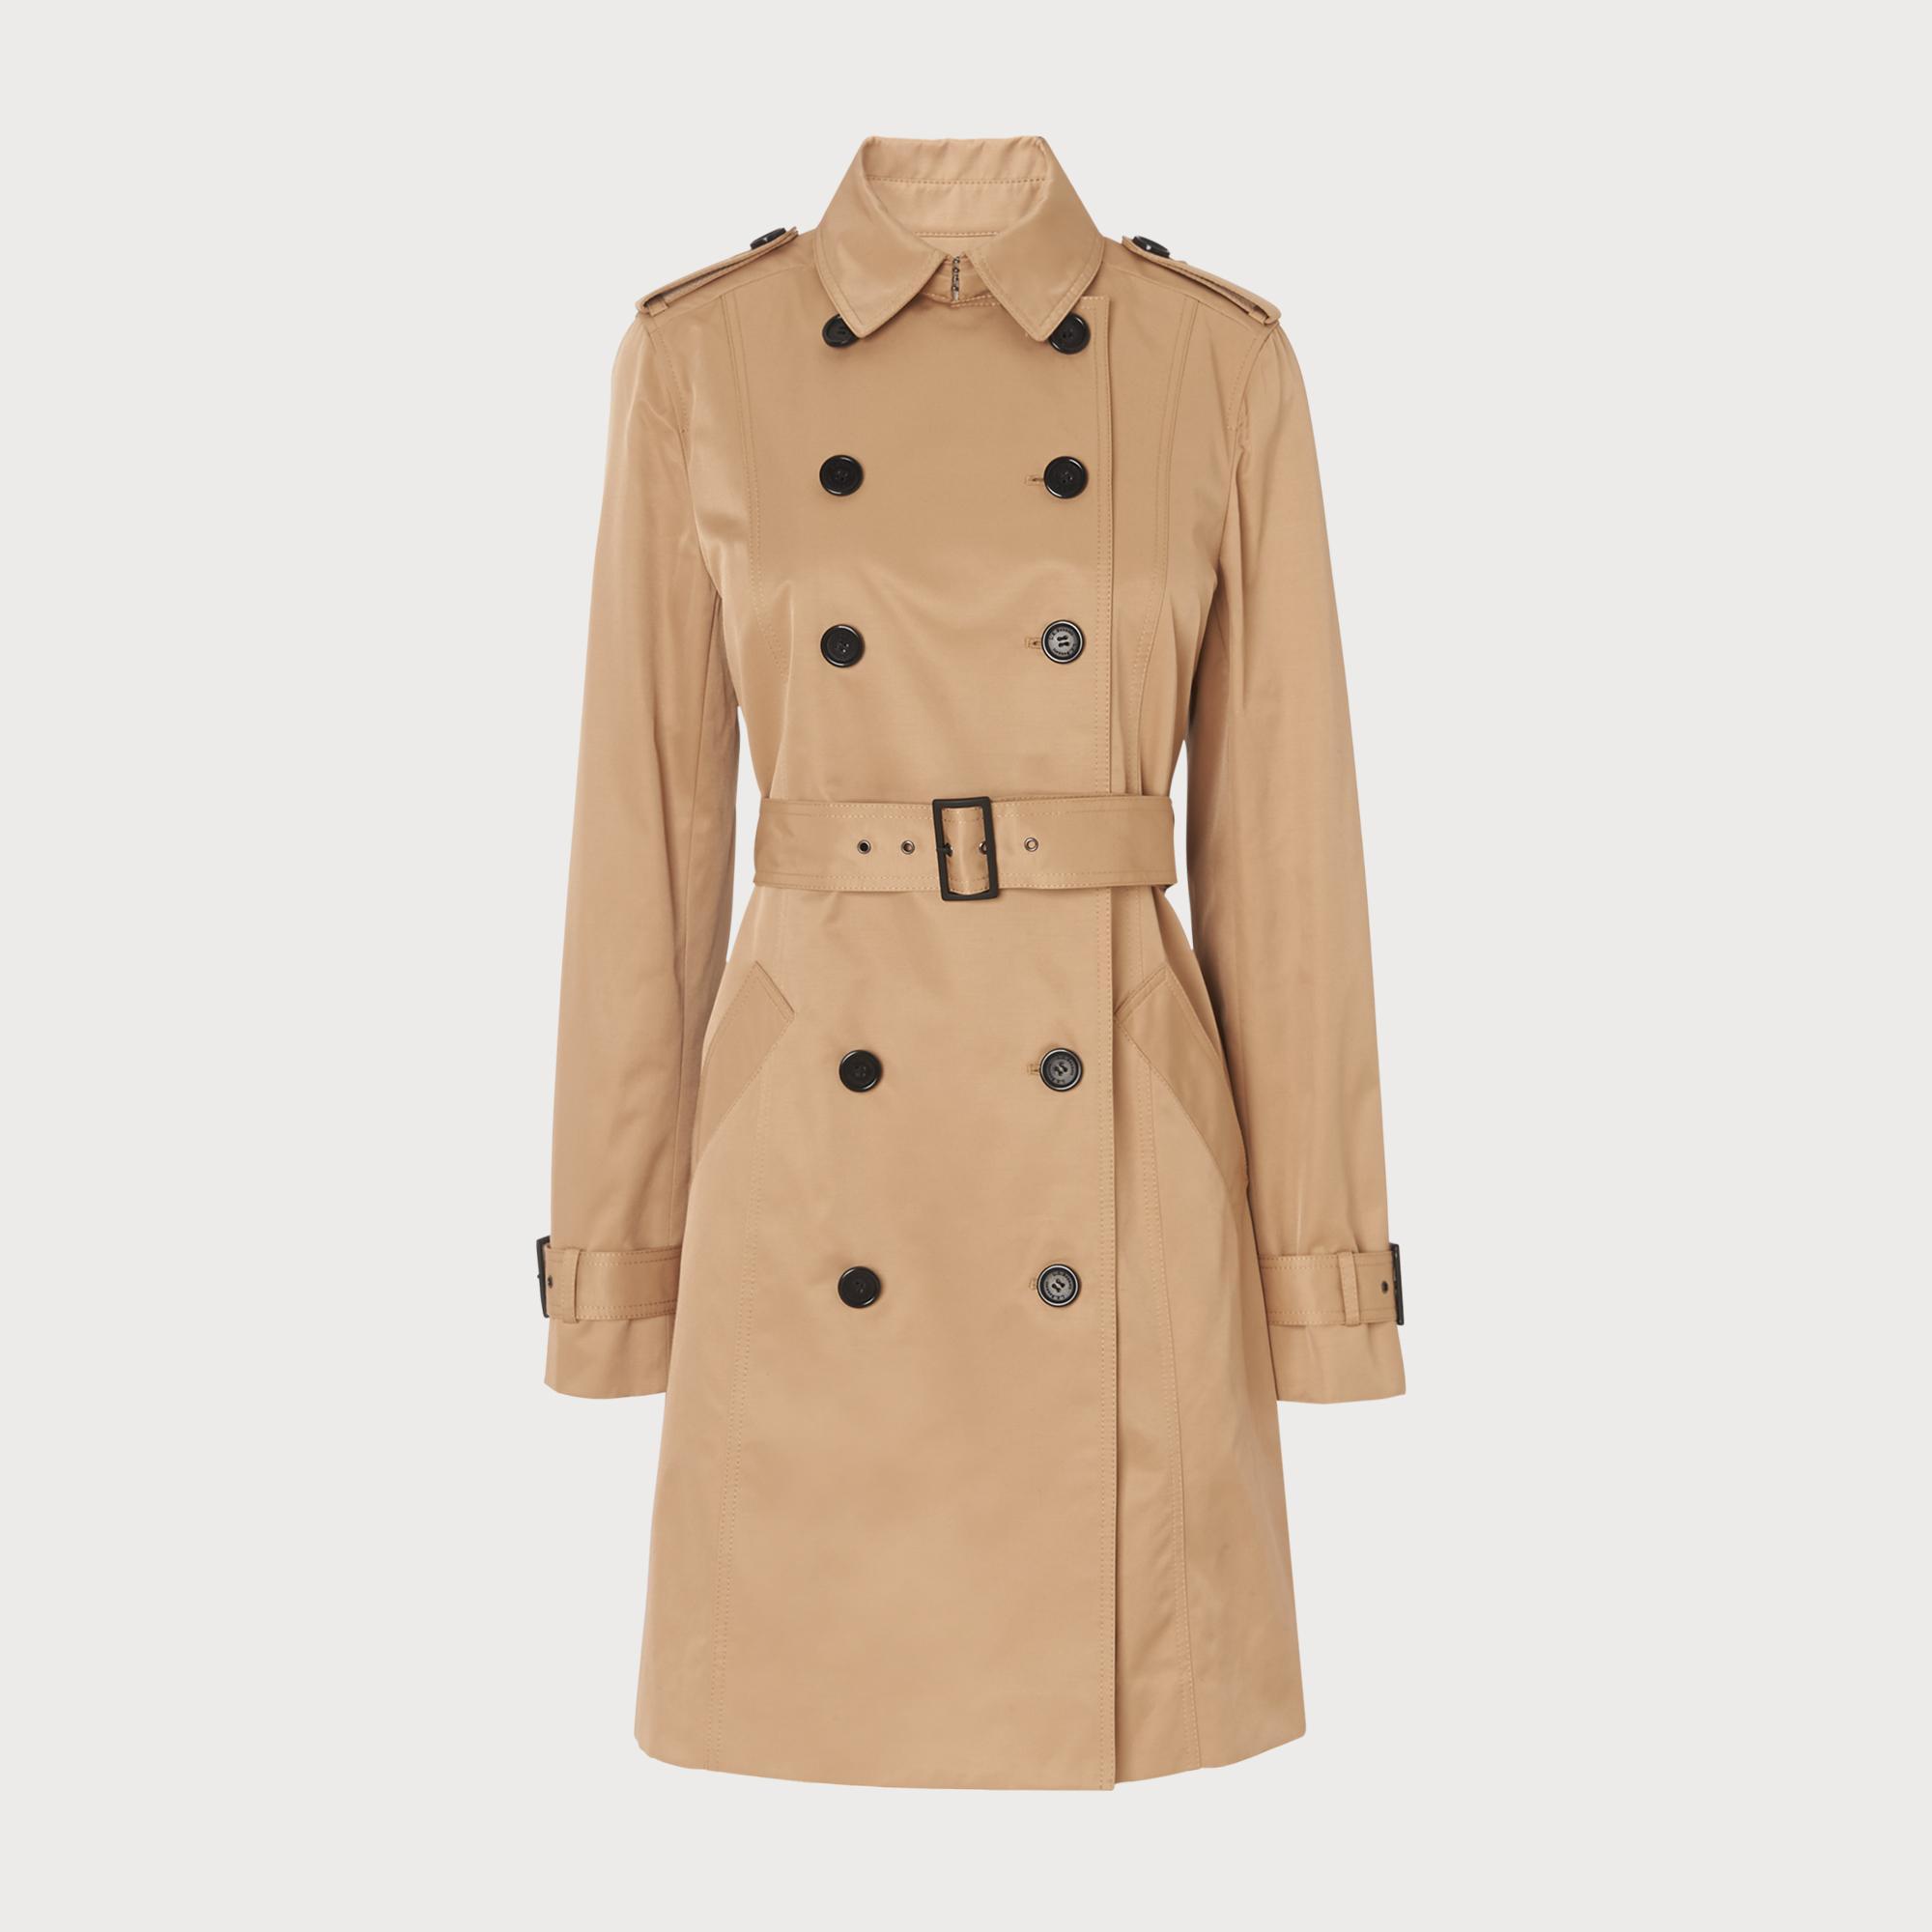 Ladies designer camel coat